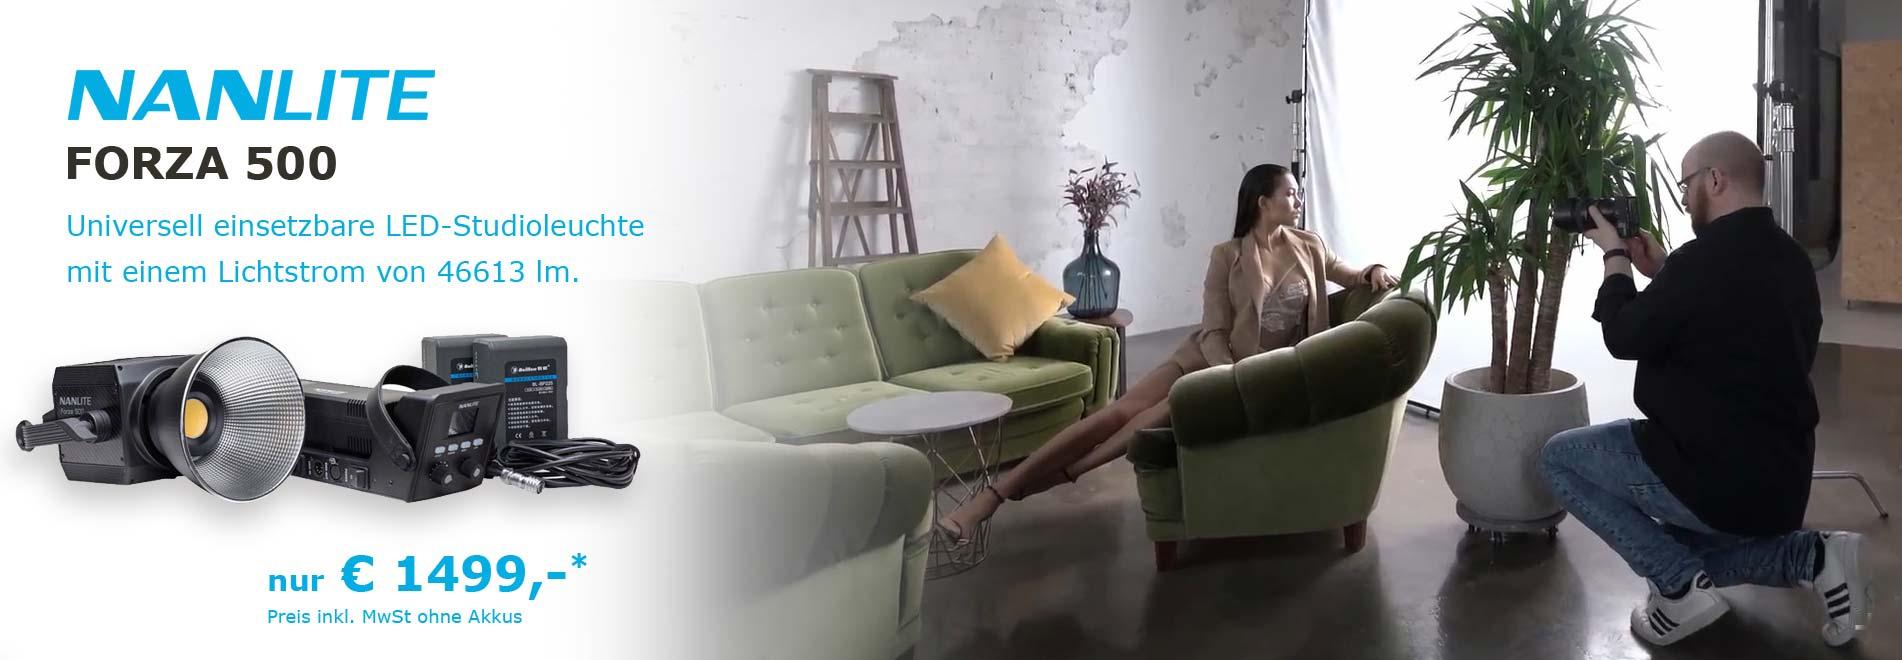 NANLITE FORZA 500 LED-Studioleuchte